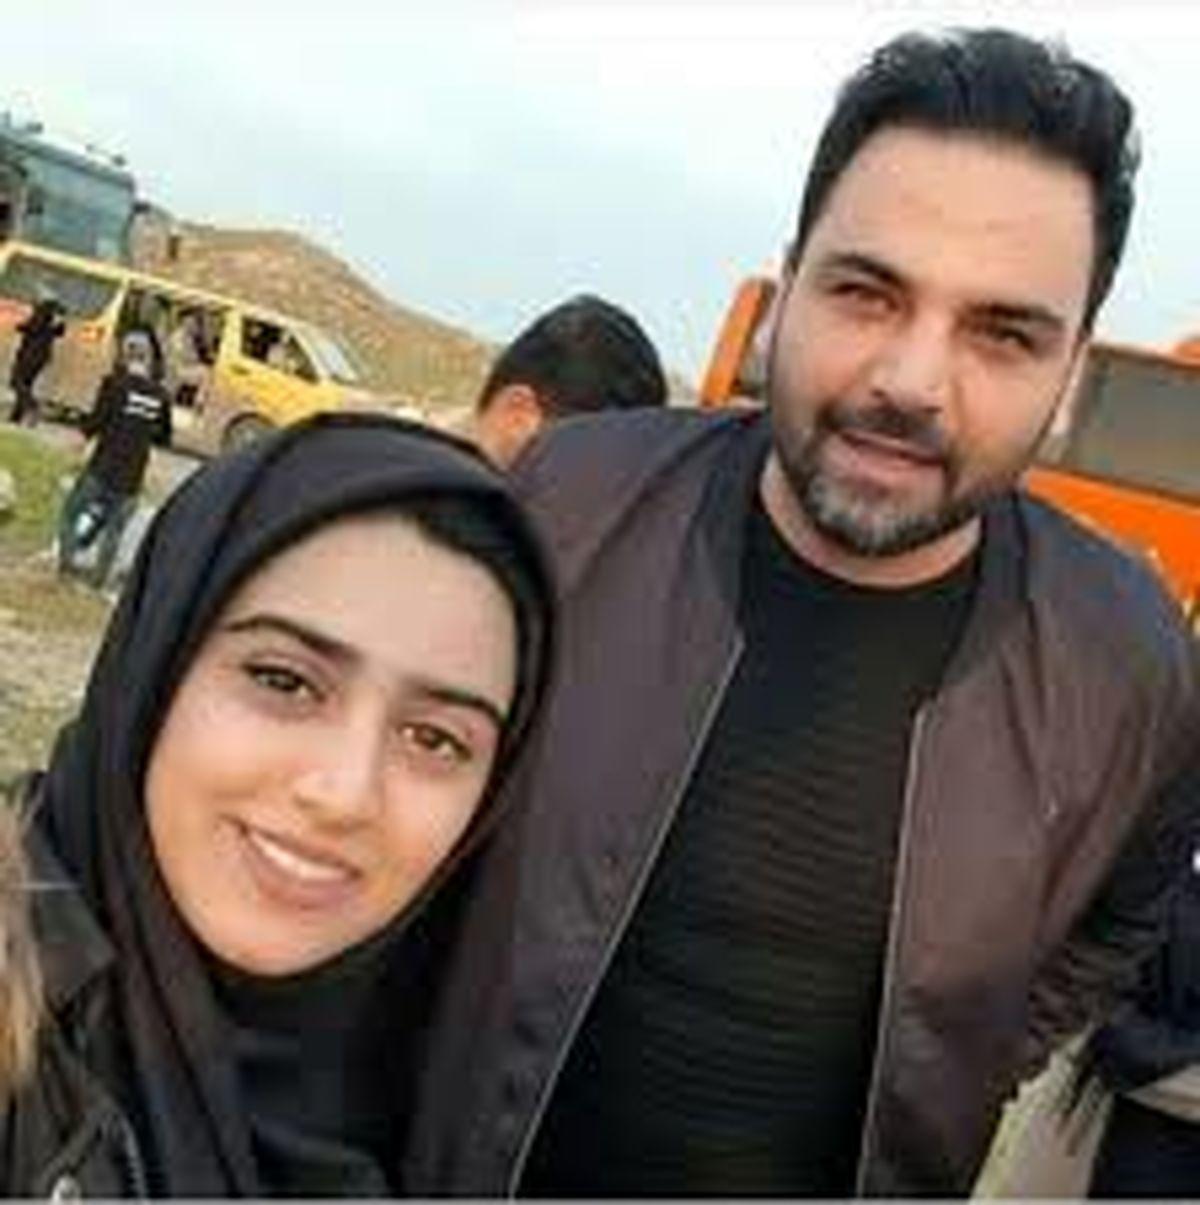 شایعه  ازدواج احسان علیخانی و یک خانم  + عکس های لورفته